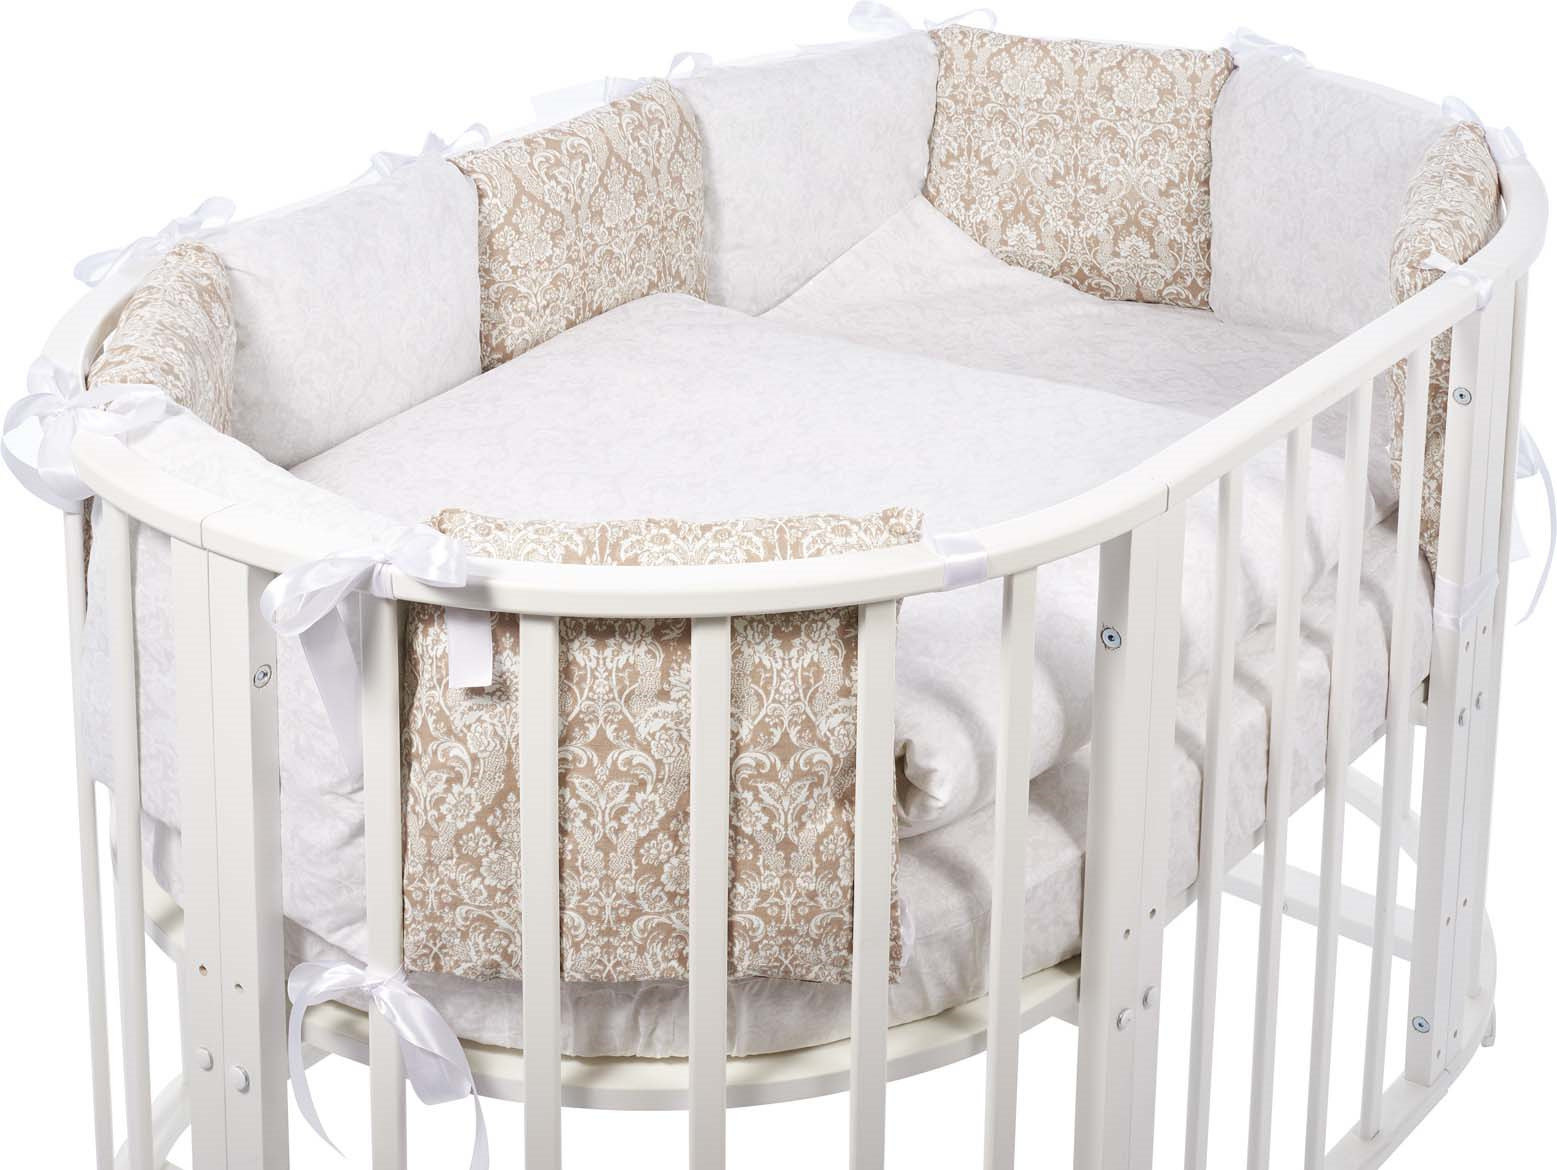 Комплект в овальную кроватку Sweet Baby Aria, 419058, темно-бежевый, белый, 5 предметов